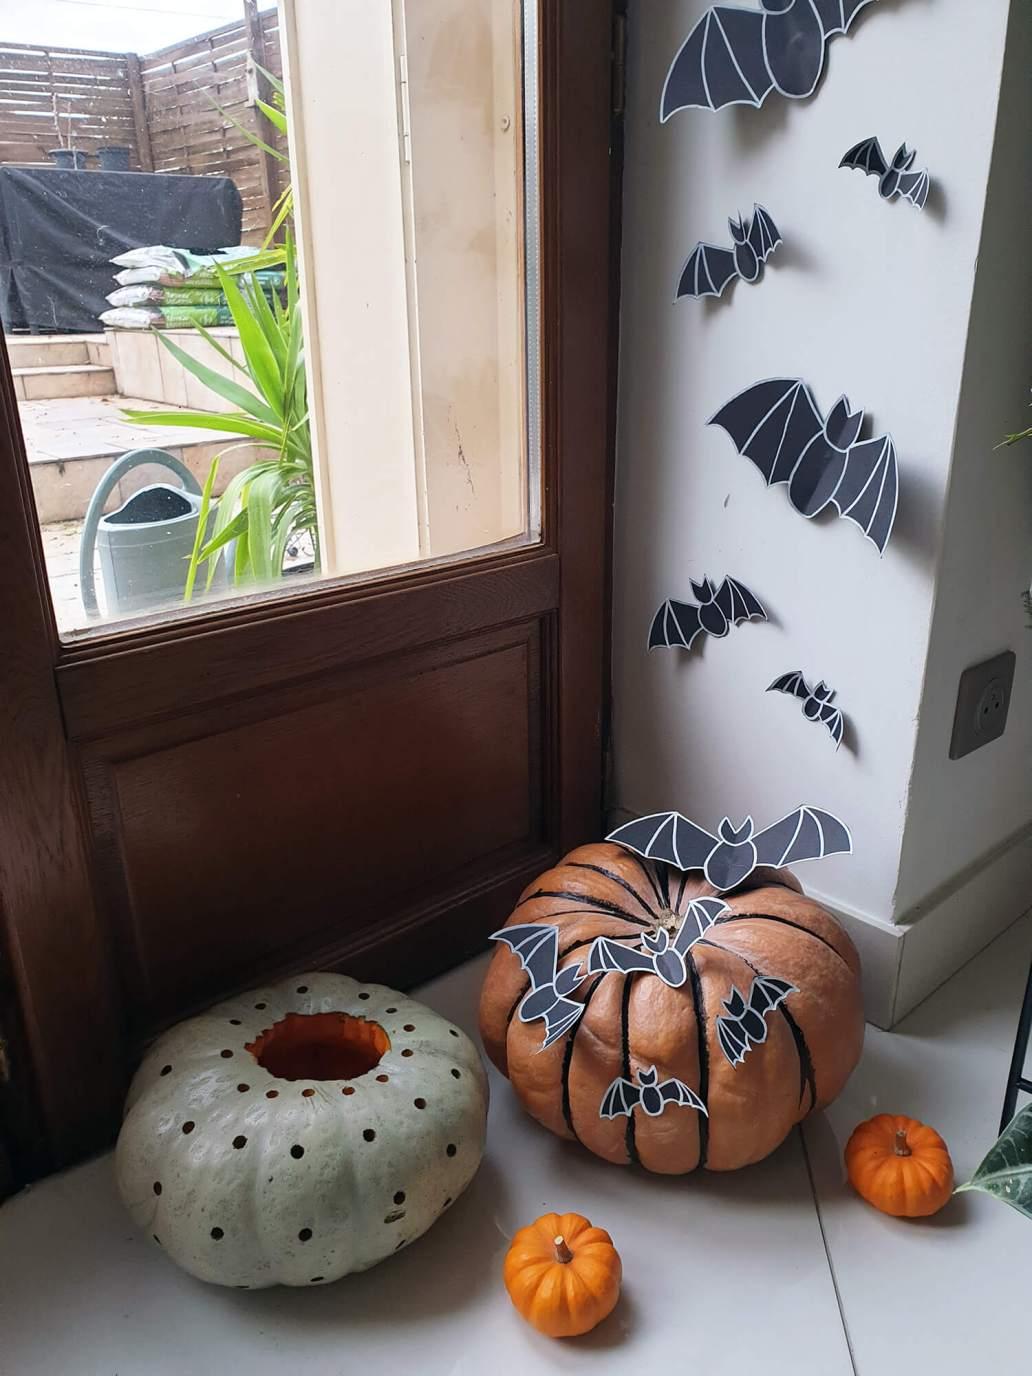 20201012 175608 - Comment décorer la citrouille d'Halloween avec originalité